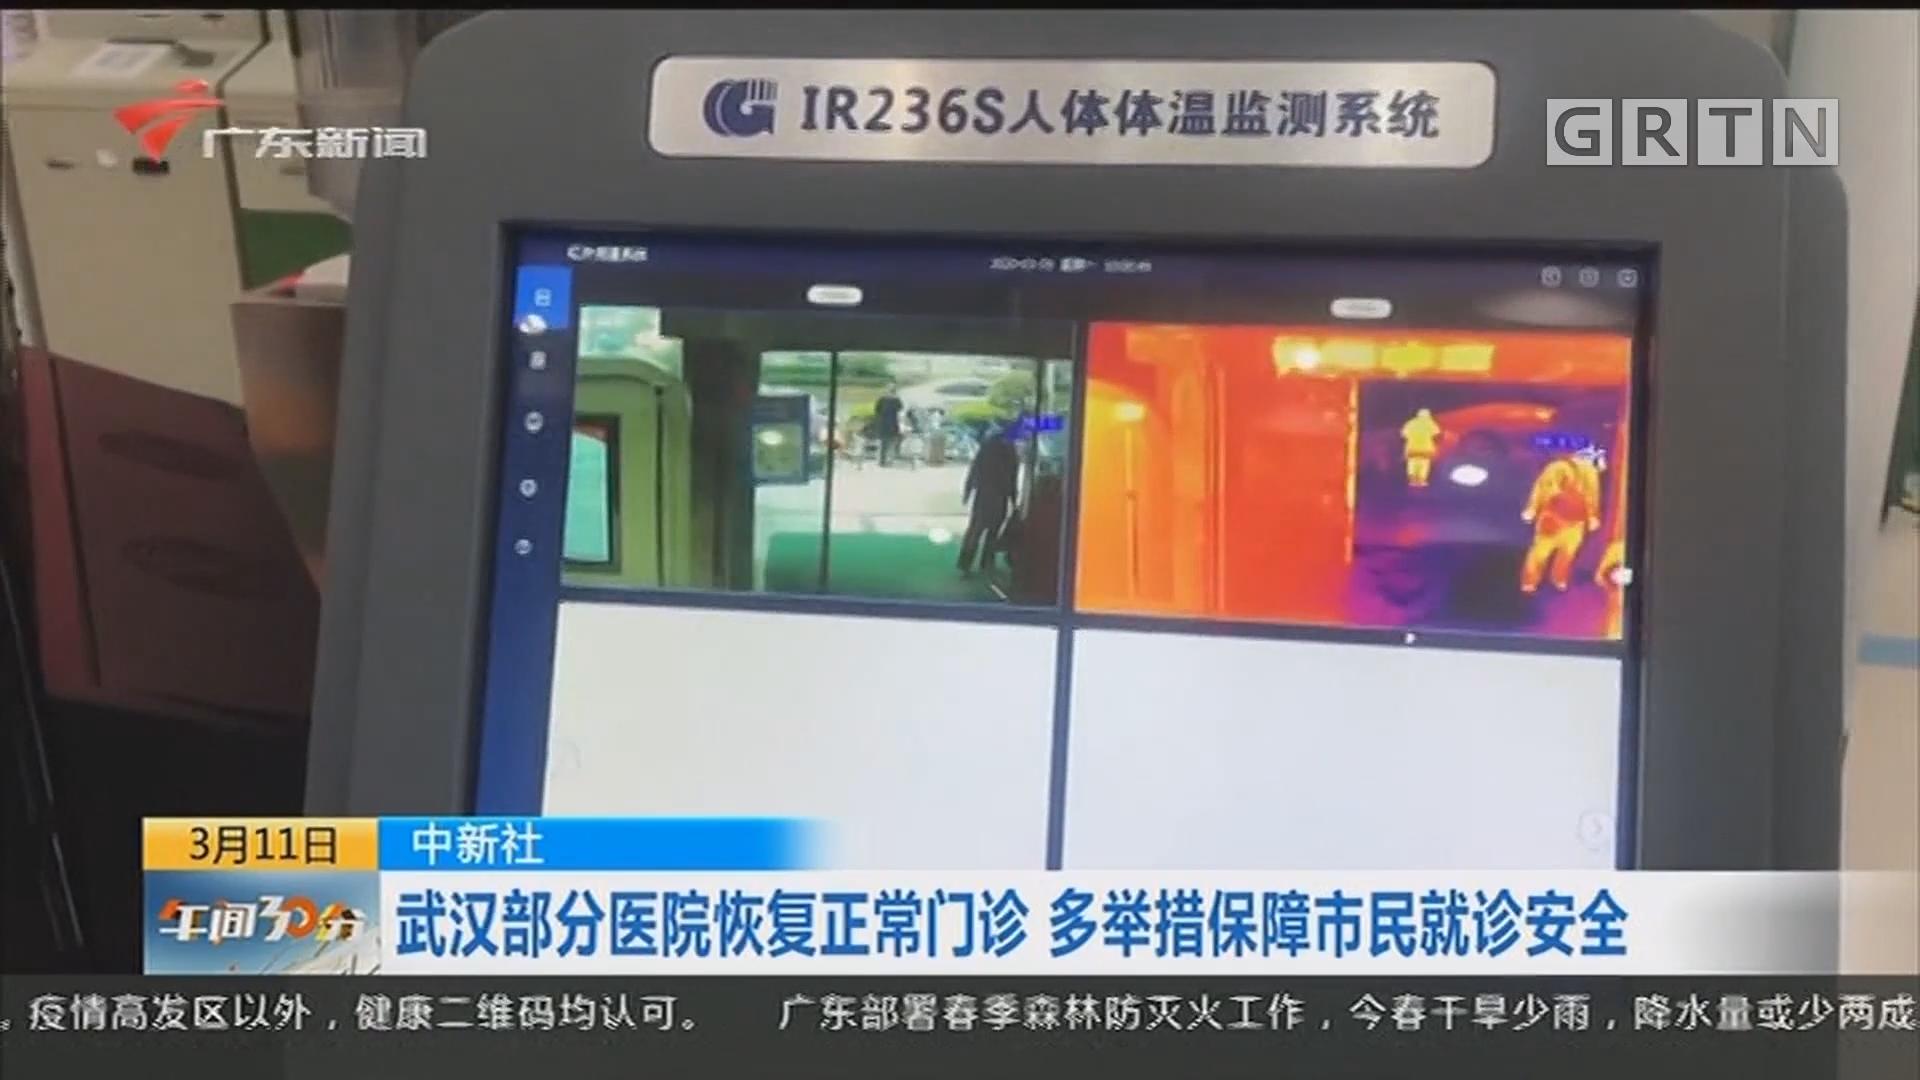 中新社:武汉部分医院恢复正常门诊 多举措保障市民就诊安全